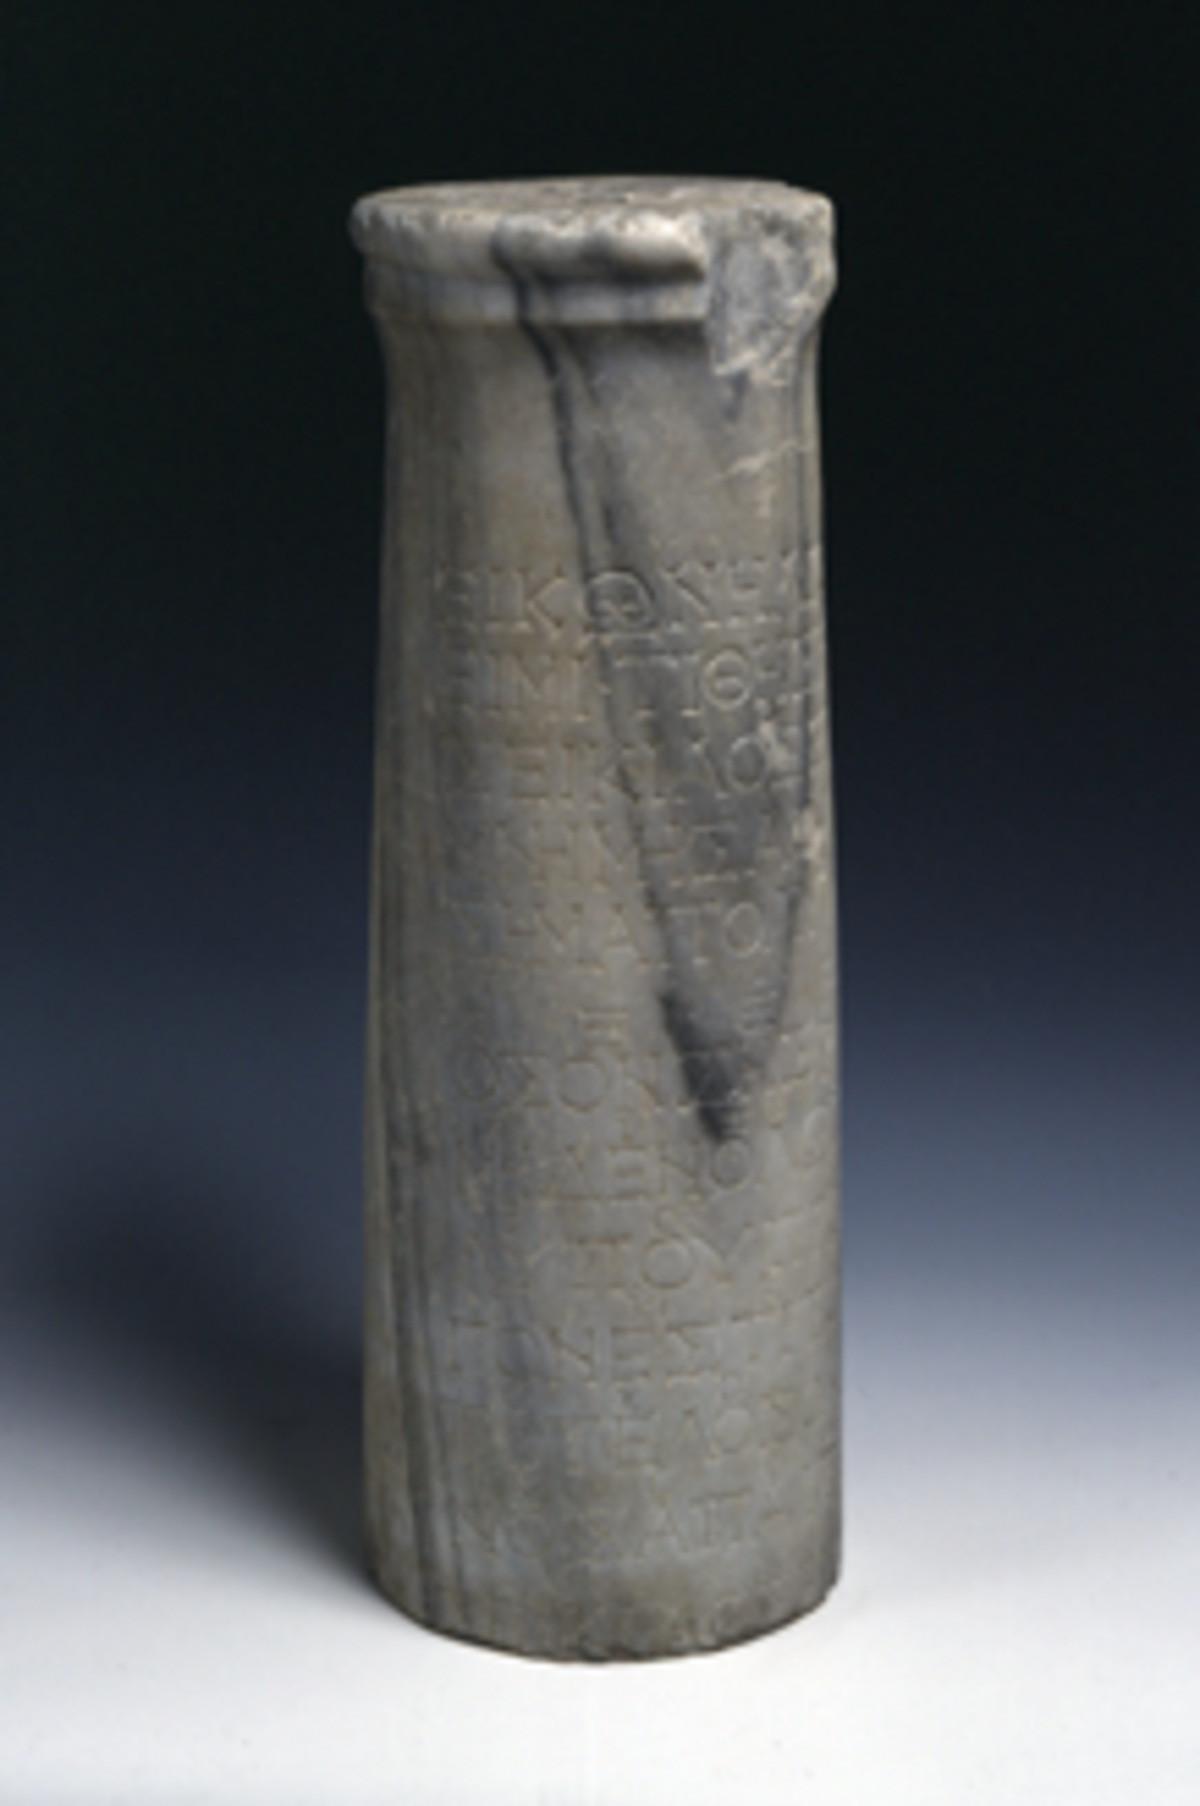 alexander kalifano vase of seikilos epitaph wikipedia regarding lossy page1 1200px seikilos1 tif